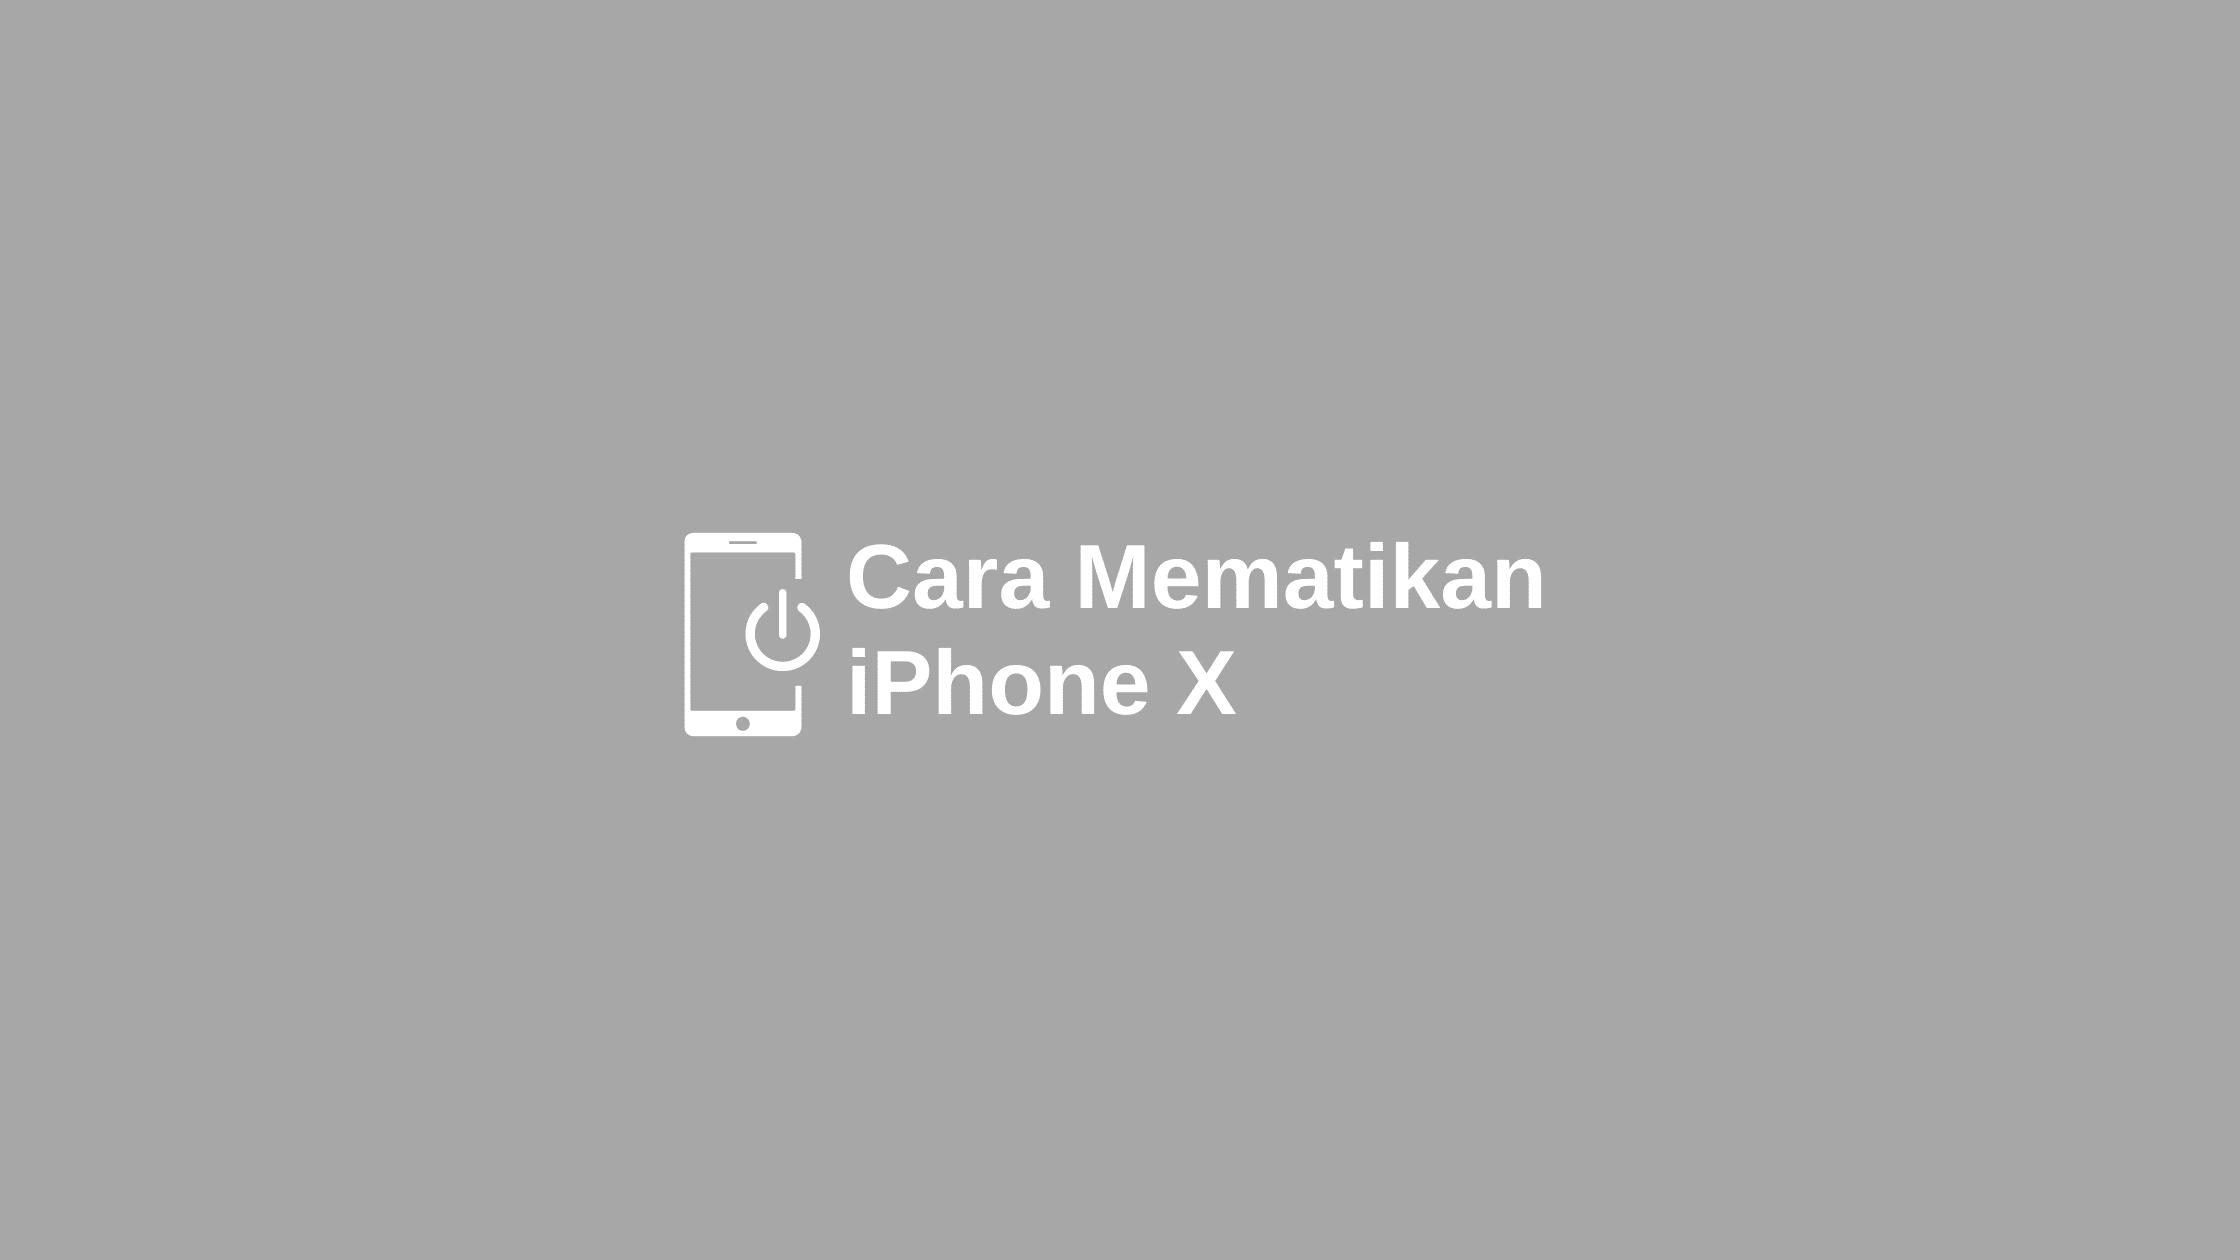 cara mematikan iPhone X